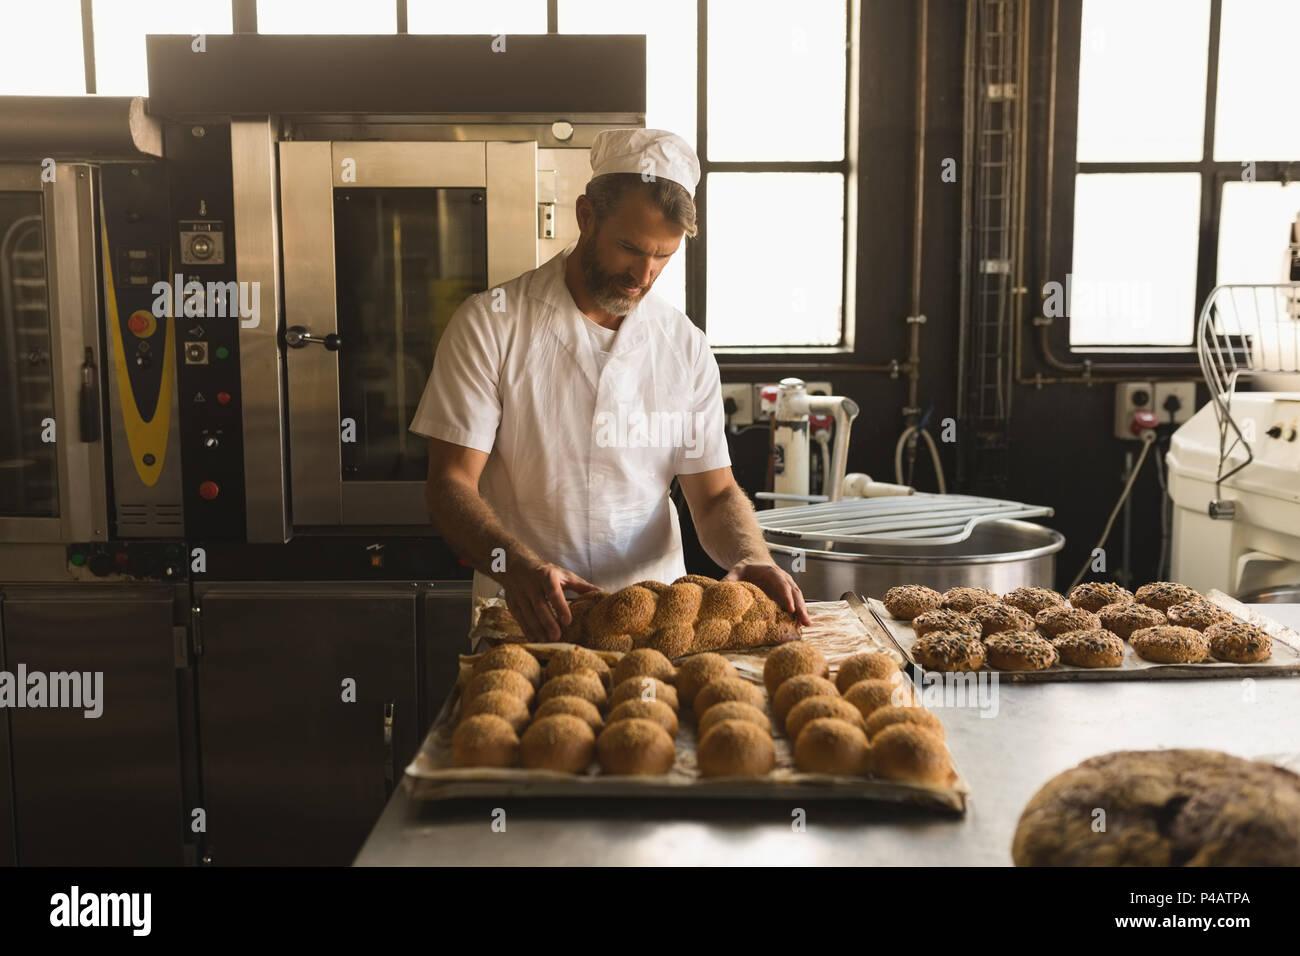 Homme baker organiser les aliments sucrés cuits au four Photo Stock